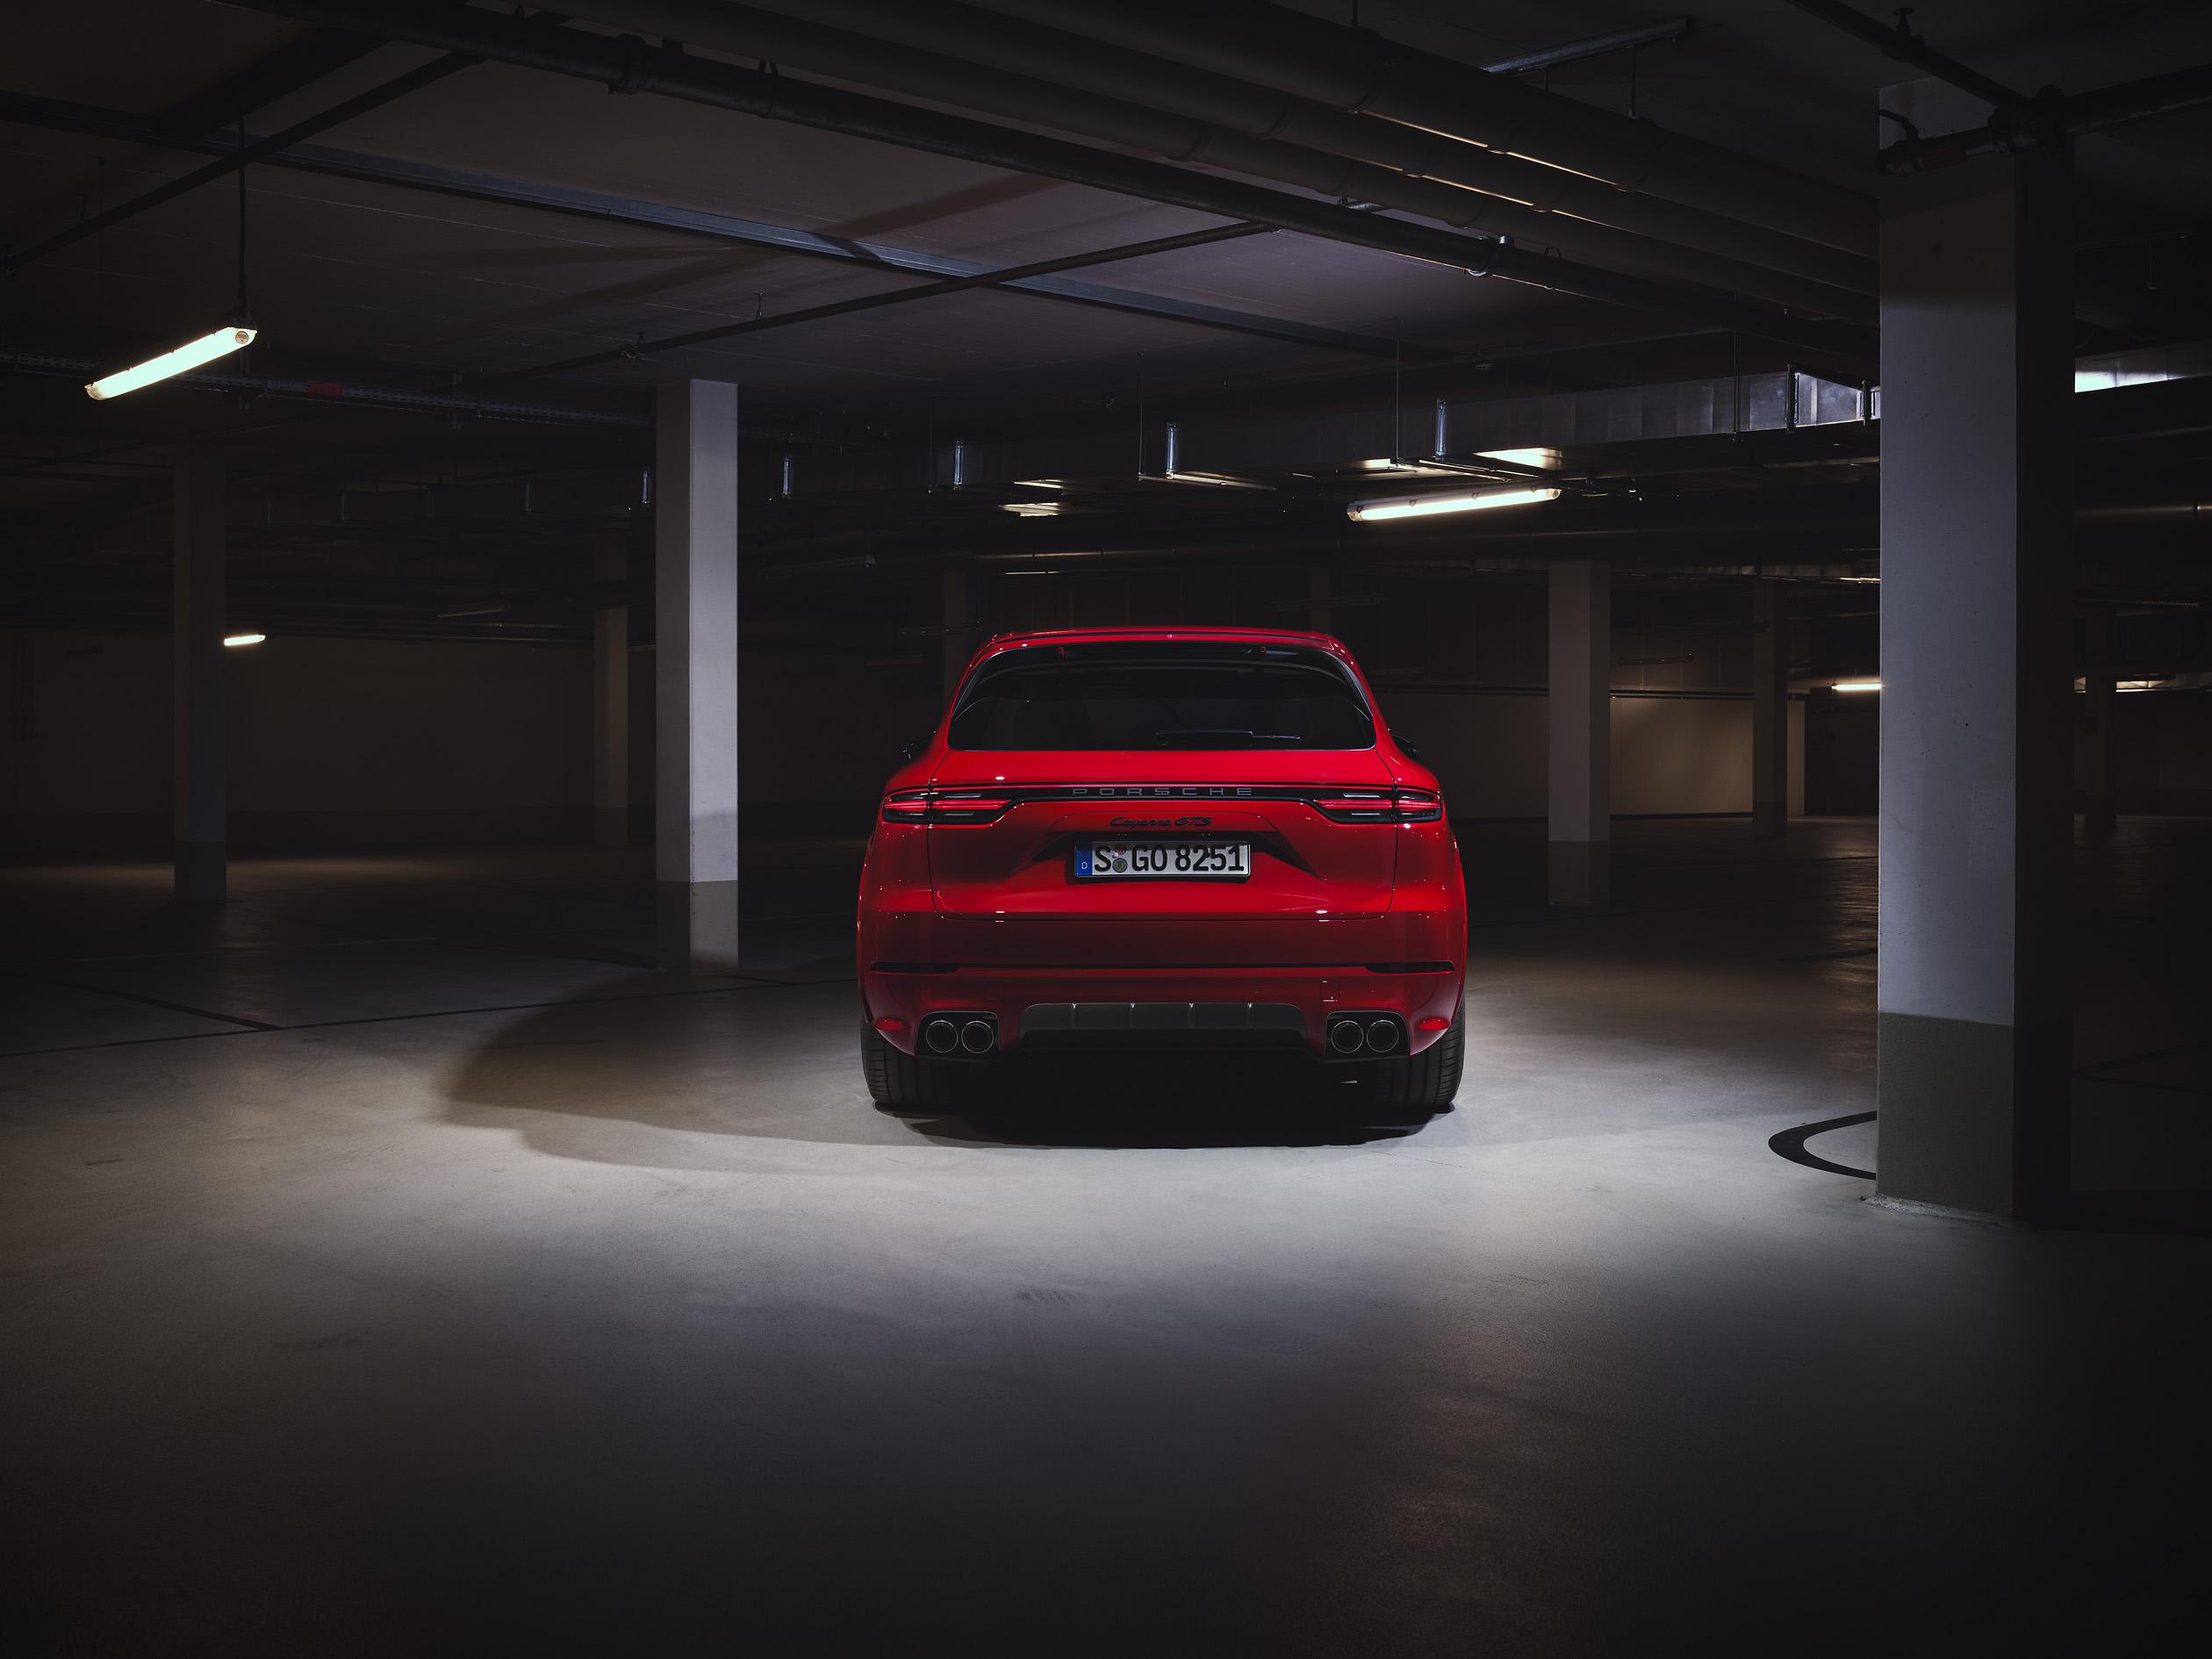 全新 Cayenne GTS 搭載4.0 升 V8 雙渦輪引擎,最高動力表現可輸出 460 PS(338 kW)與扭力 620 Nm。